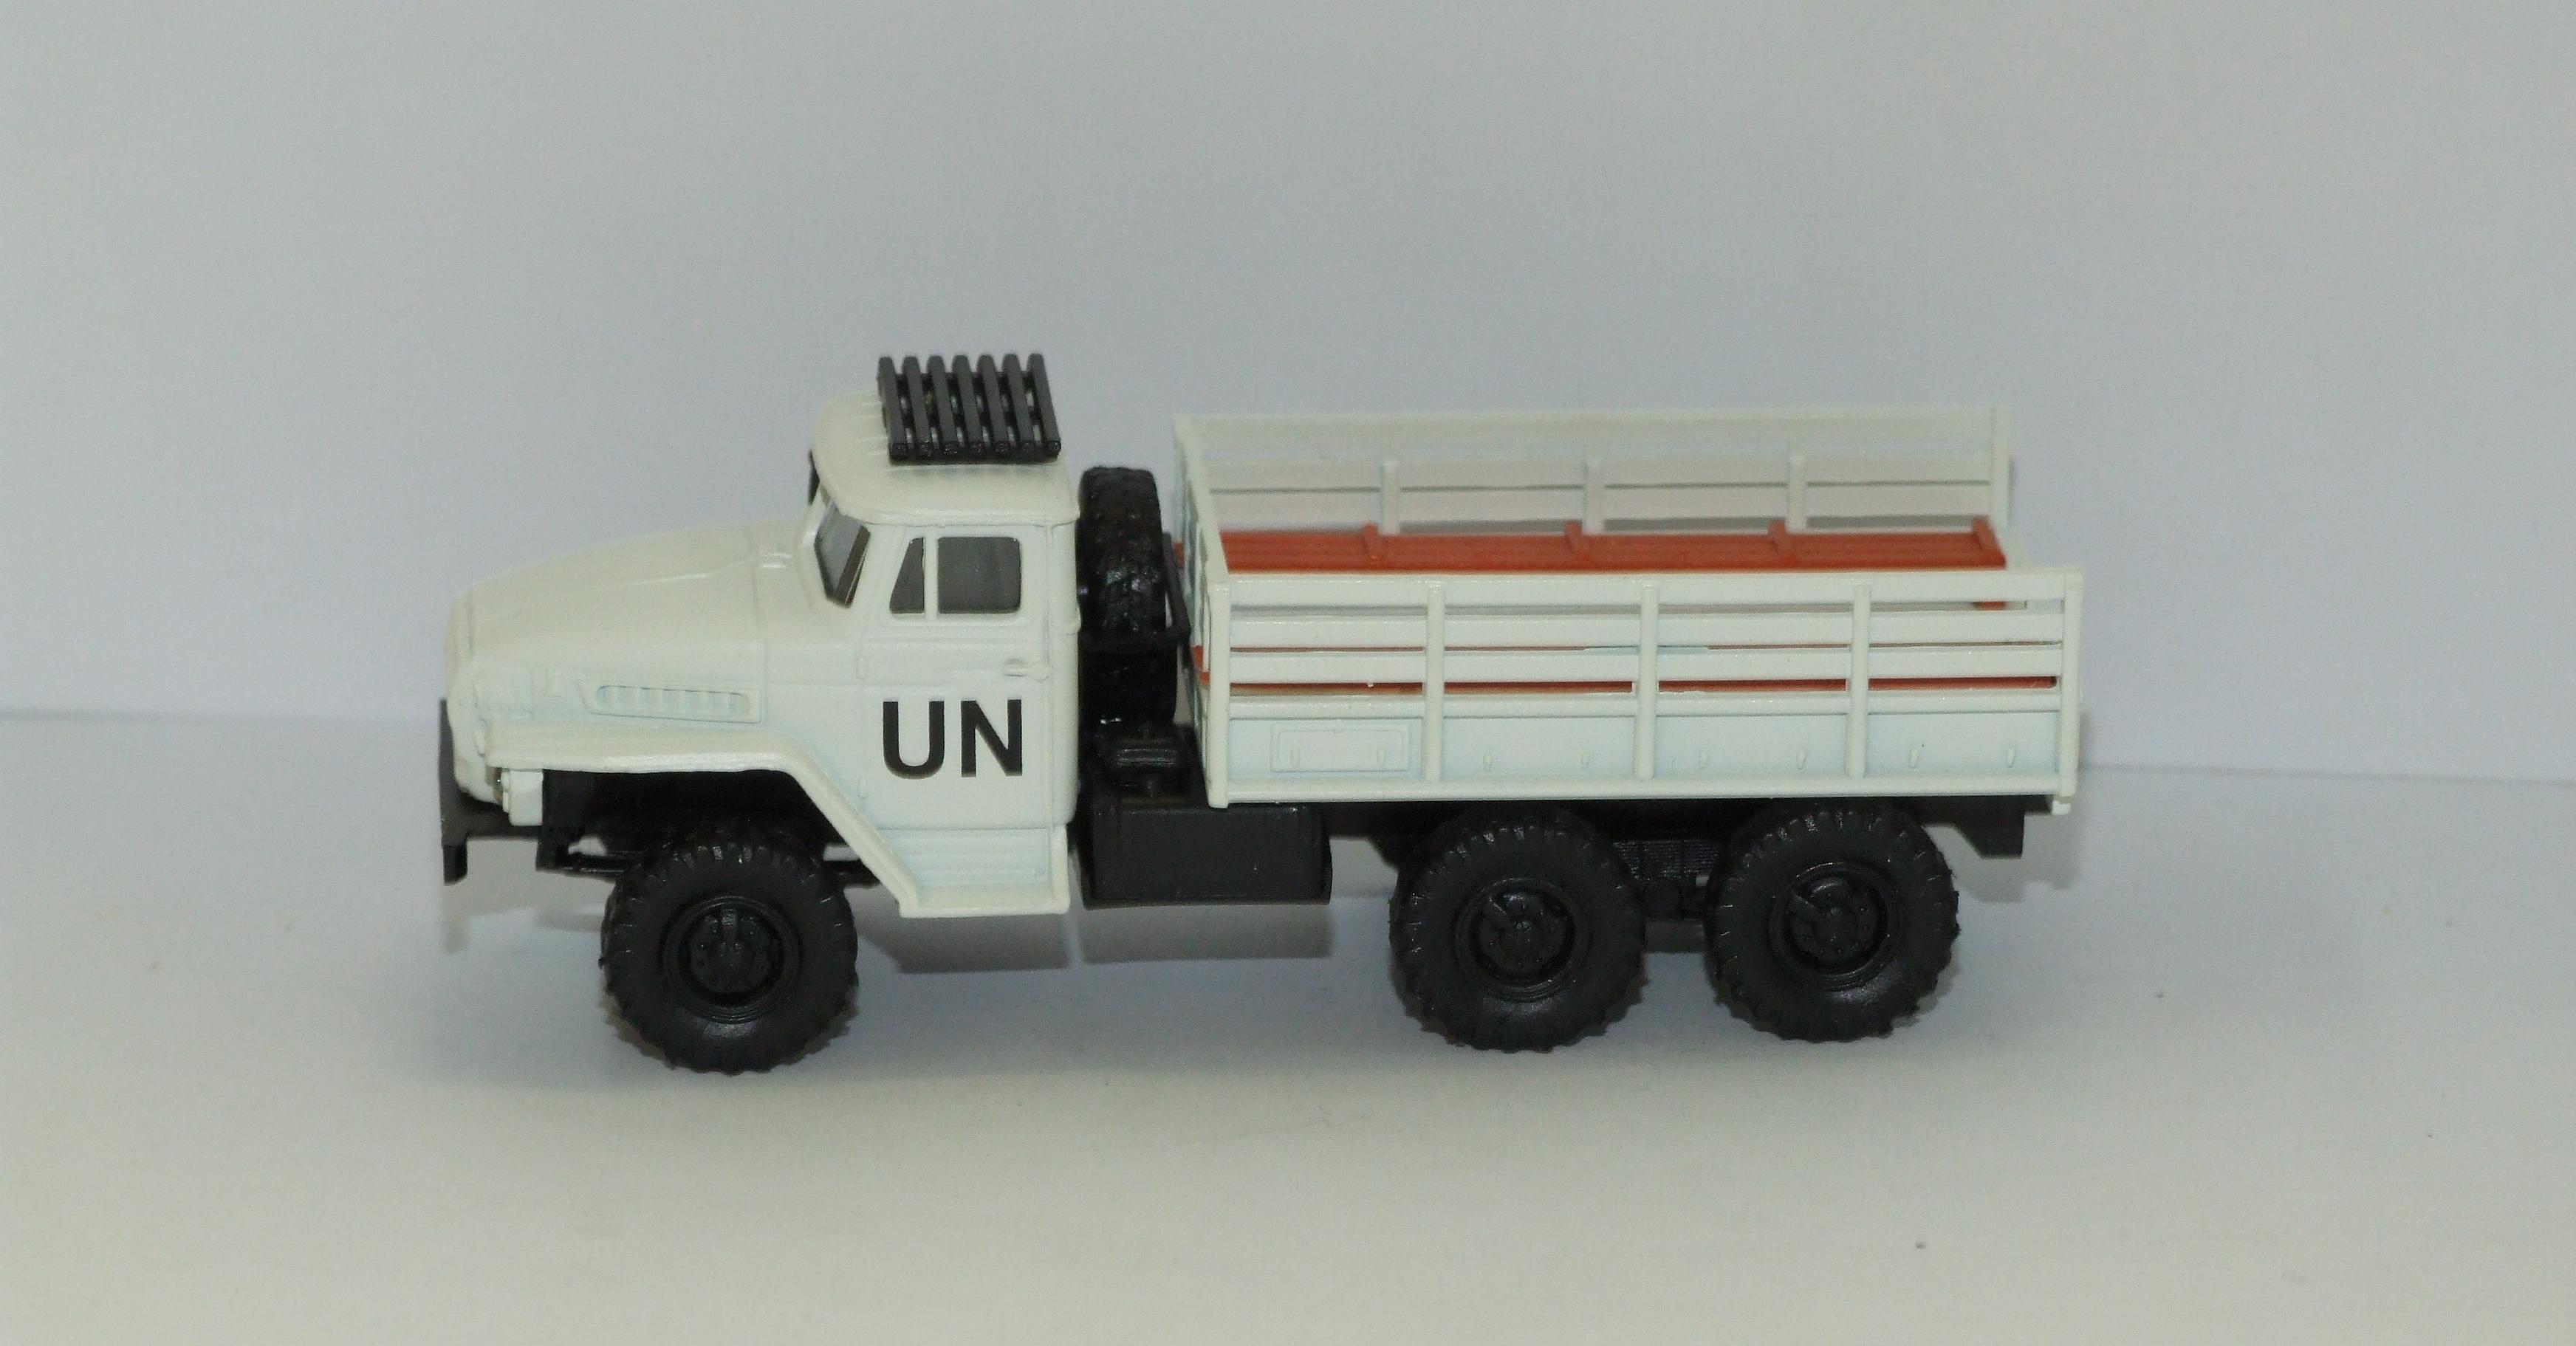 Herpa H0 1:87 Roco Minitanks 744539 Ural Mannschaftspritschen-LKW UN